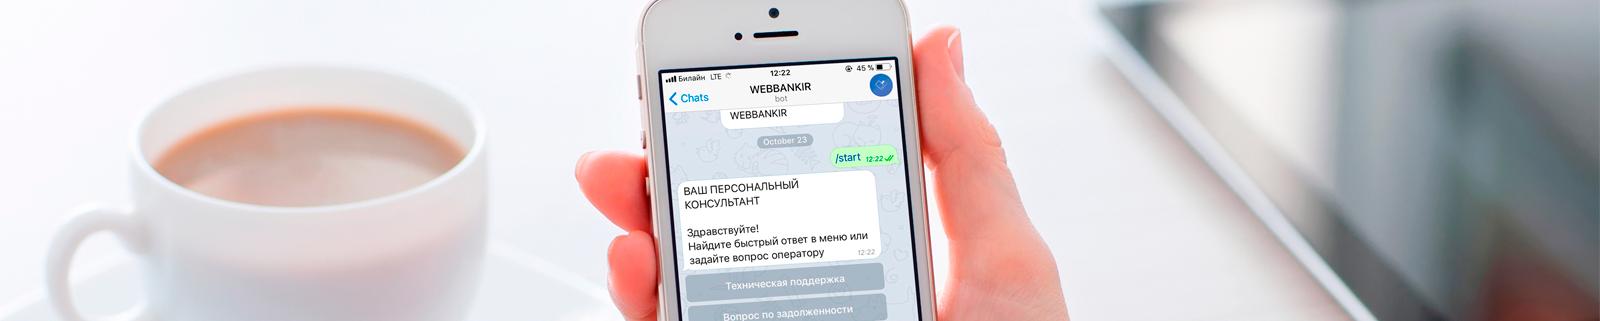 Приложение Telegram используют для теневого рынка